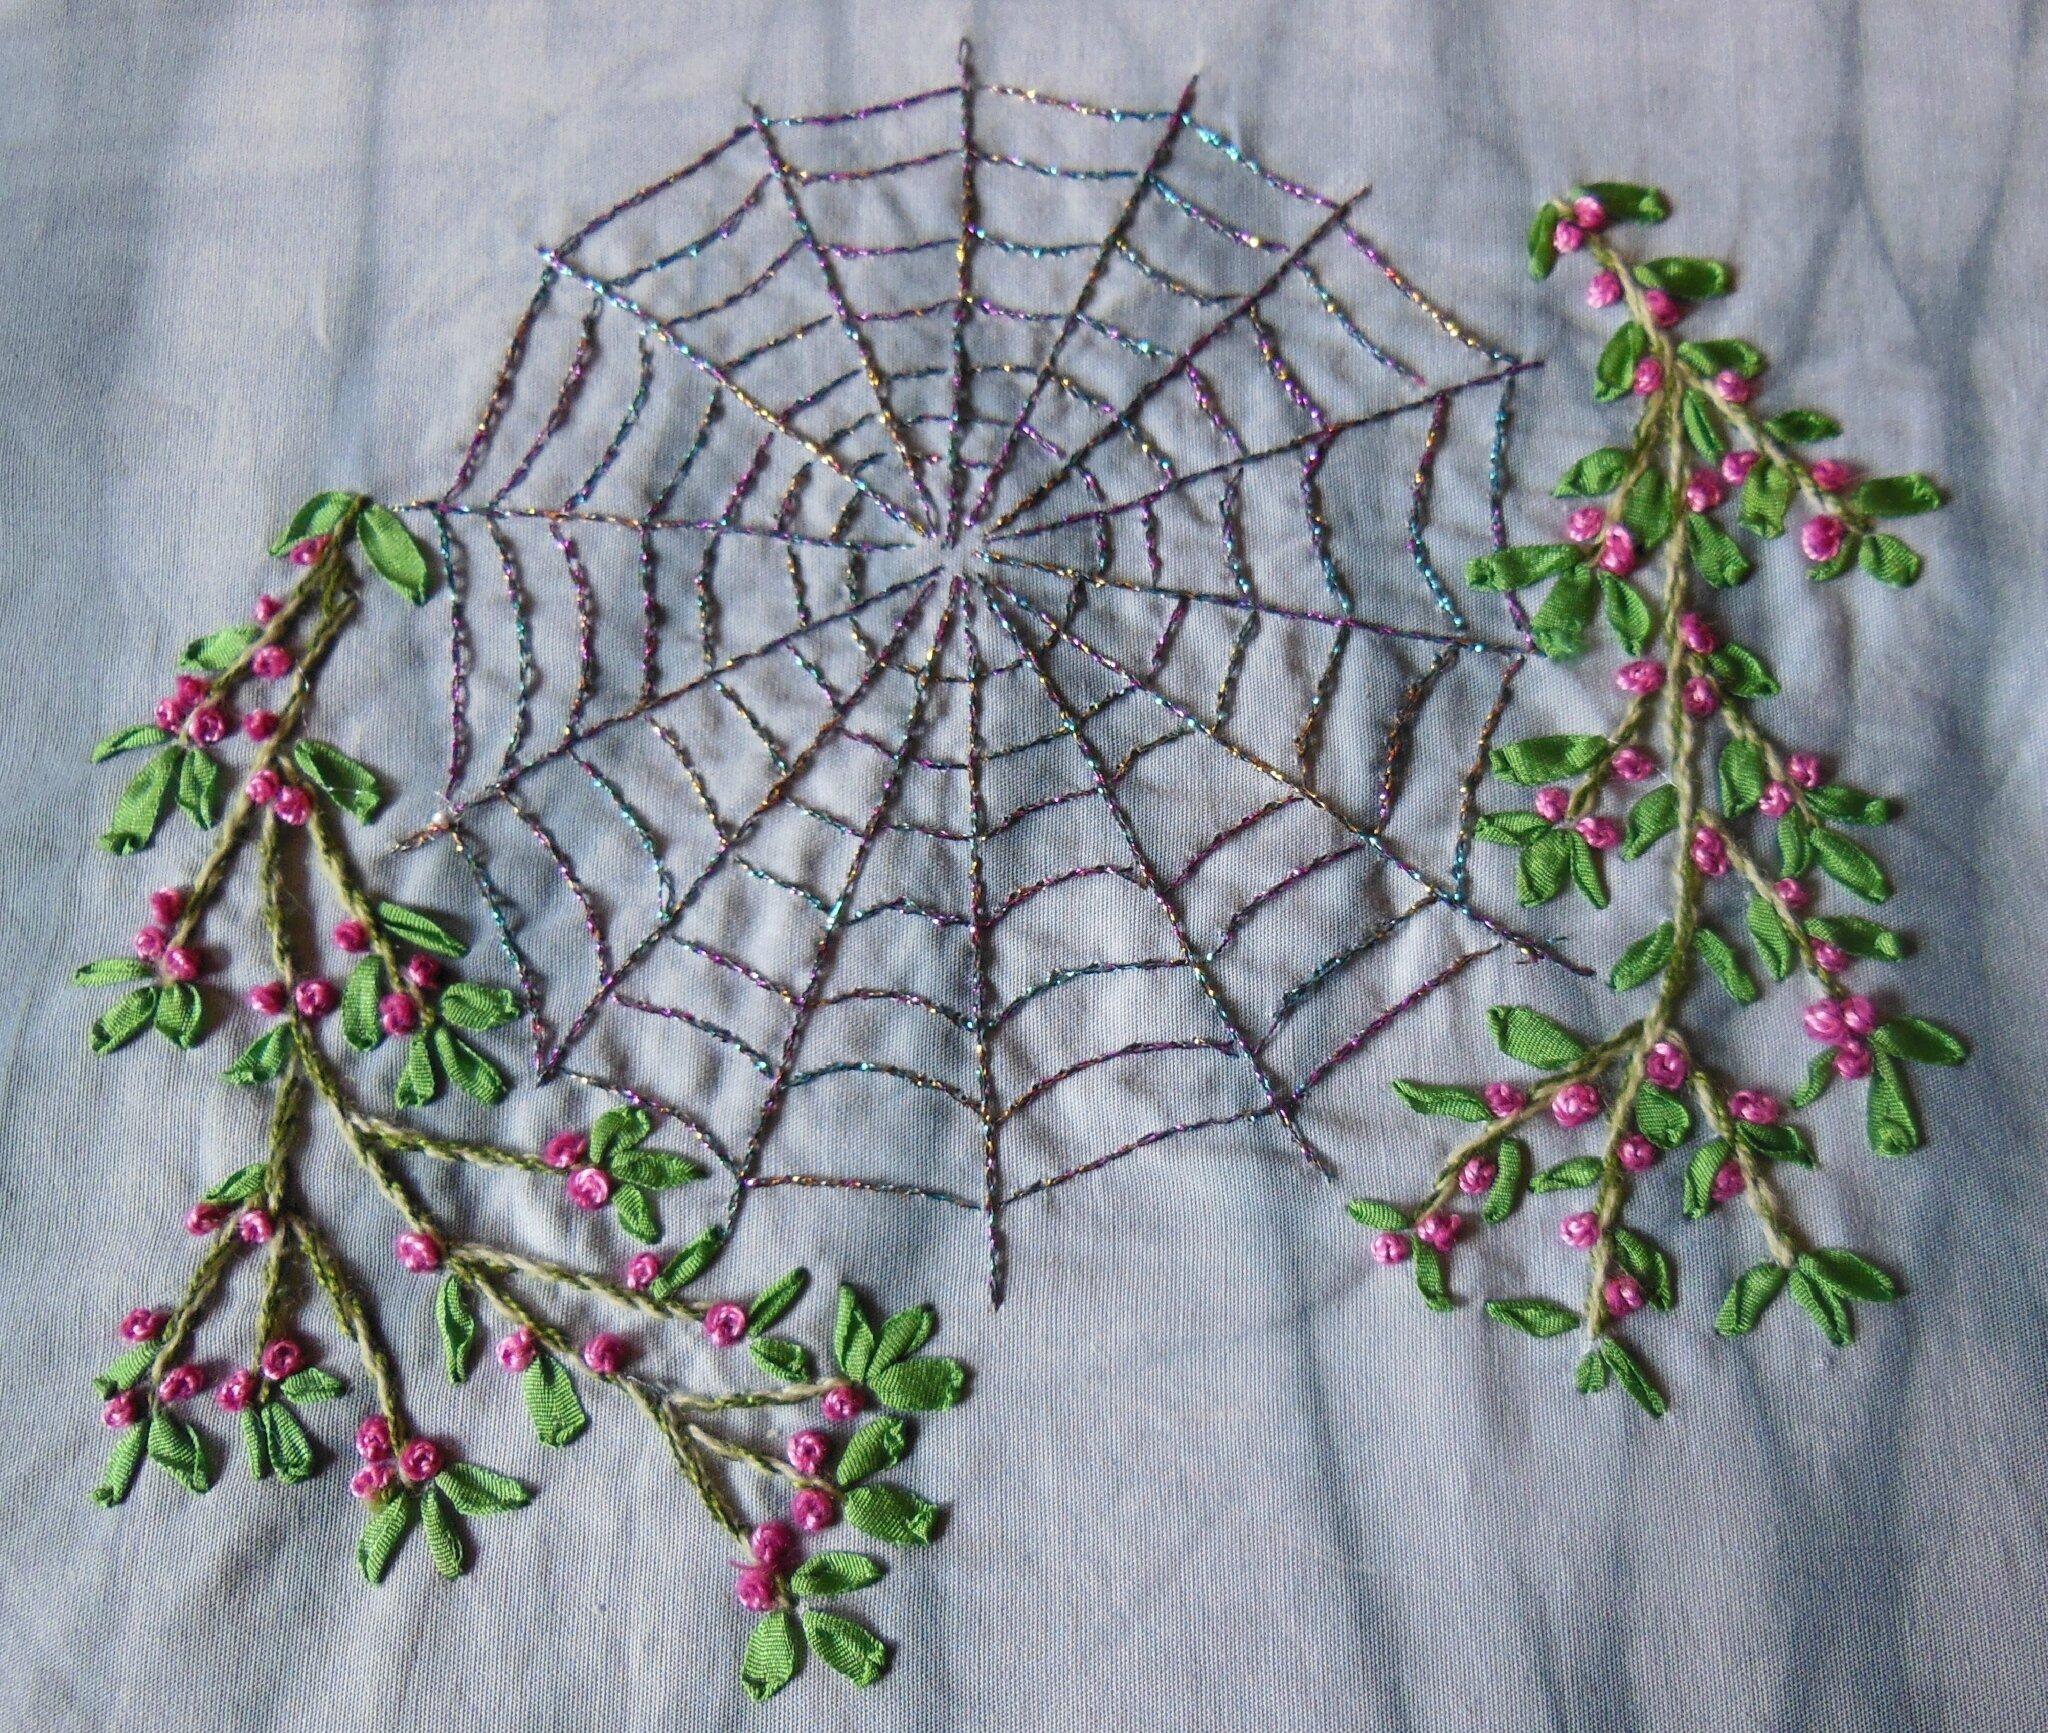 Fragile, comme le fil éphémère de la toile d'araignée